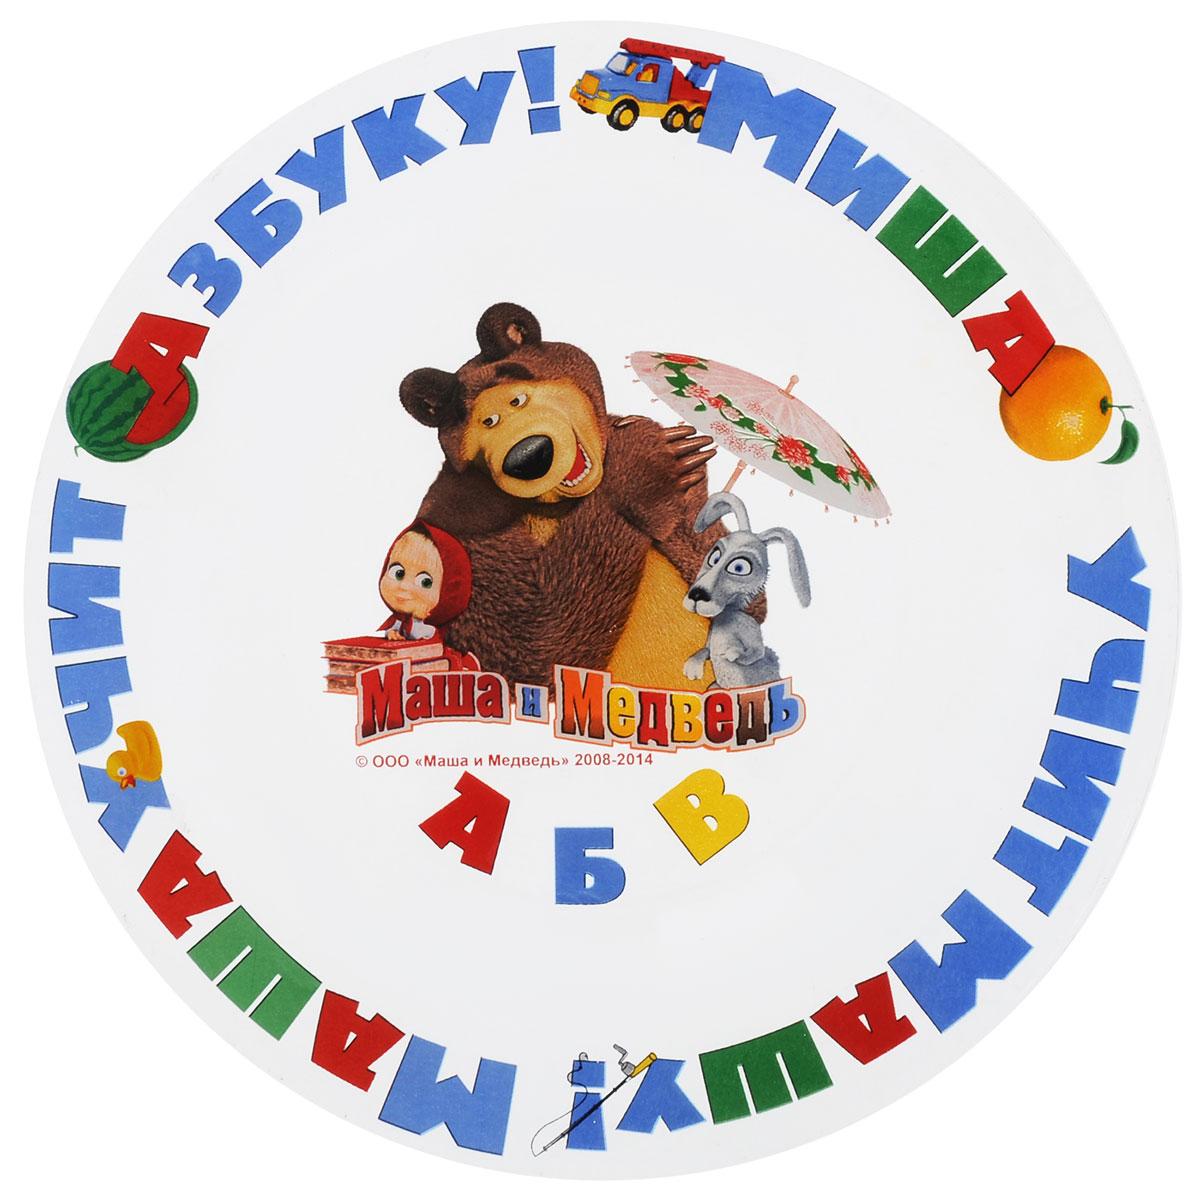 Маша и Медведь Тарелка Школьная 20 см54 009312Яркая тарелка Маша и Медведь Школьная идеально подойдет для кормления малыша и самостоятельного приема им пищи. Тарелка выполнена из стекла и оформлена высококачественным изображением героев мультсериала Маша и Медведь.Такой подарок станет не только приятным, но и практичным сувениром, добавит ярких эмоций вашему ребенку! Не подходит для использования в посудомоечной машине.